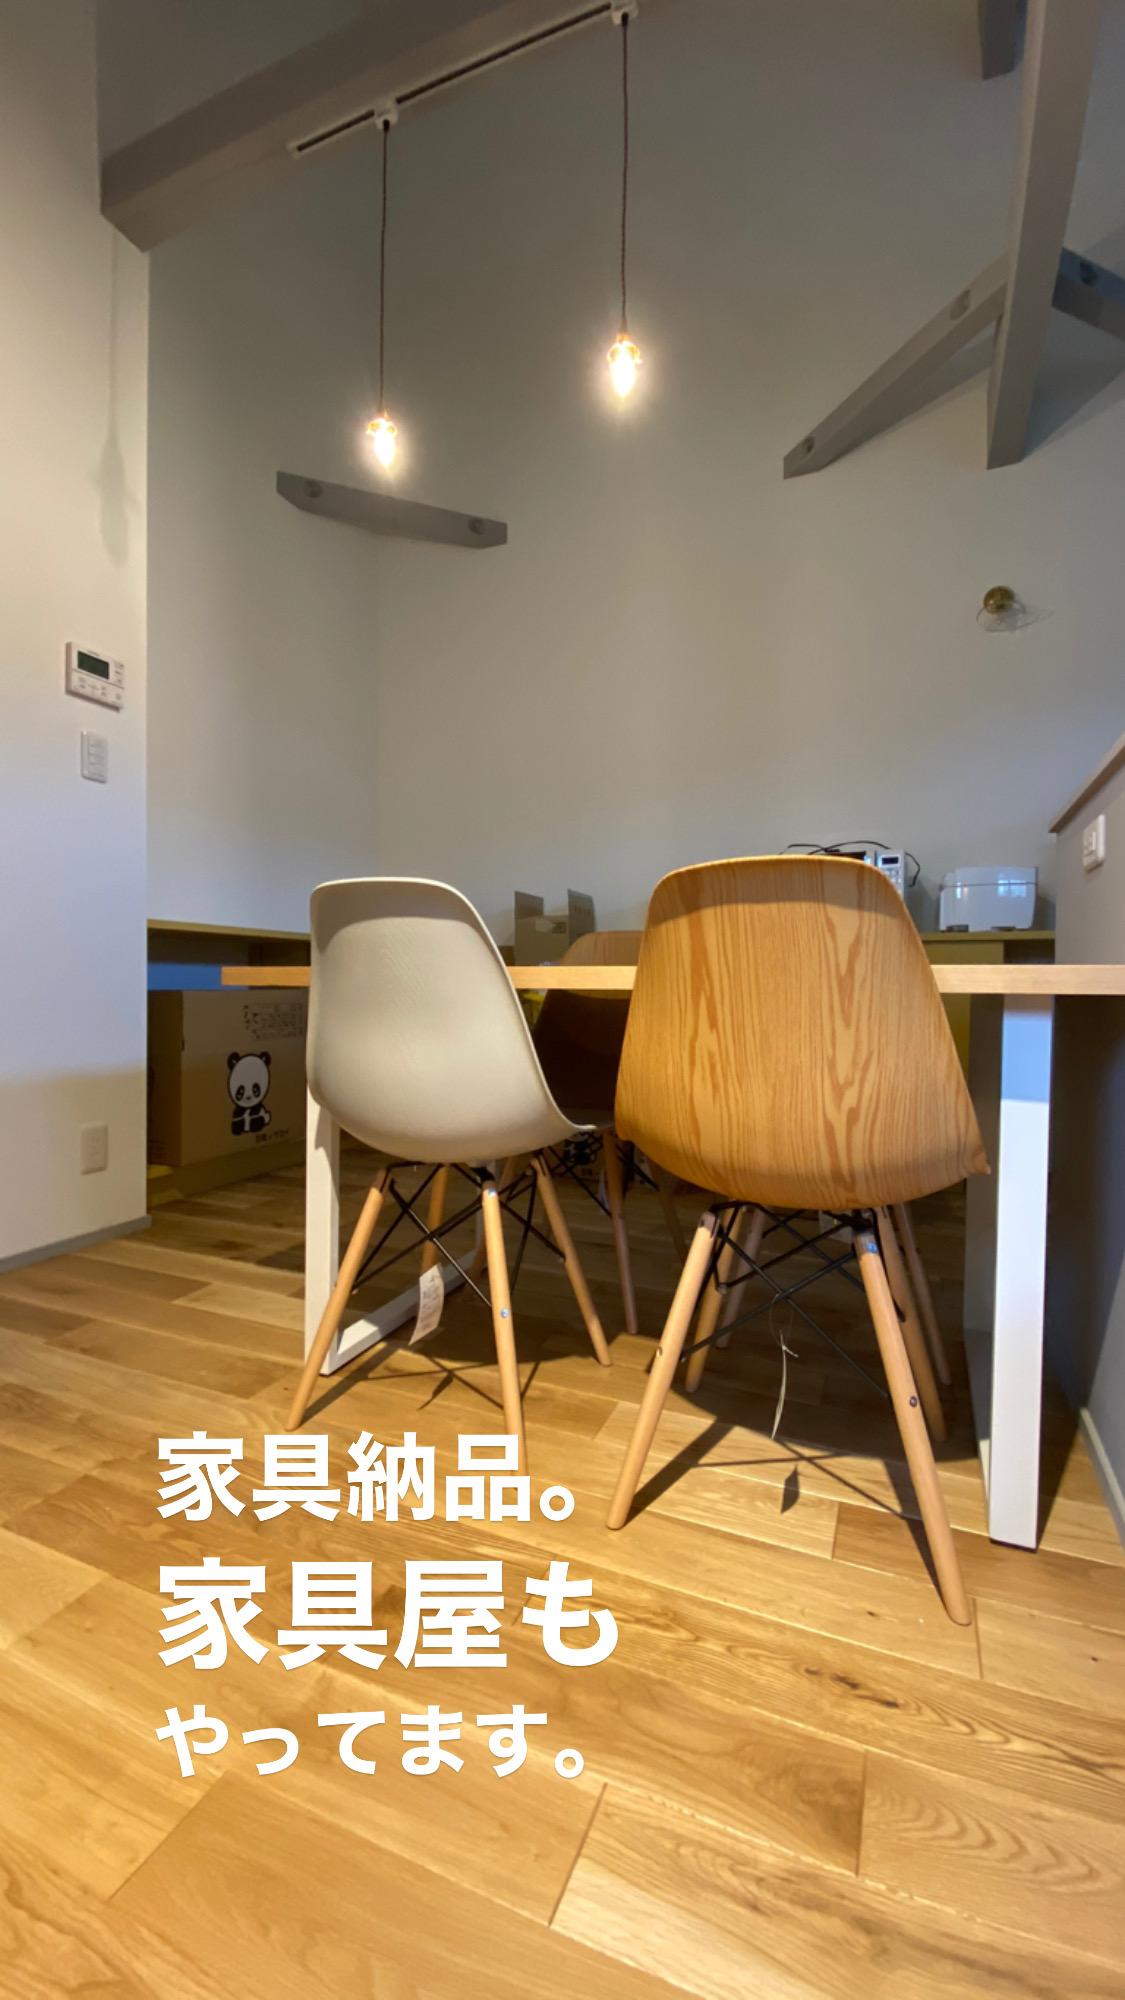 山梨県の工務店、未来建築工房とつくる注文住宅。|家具搬入